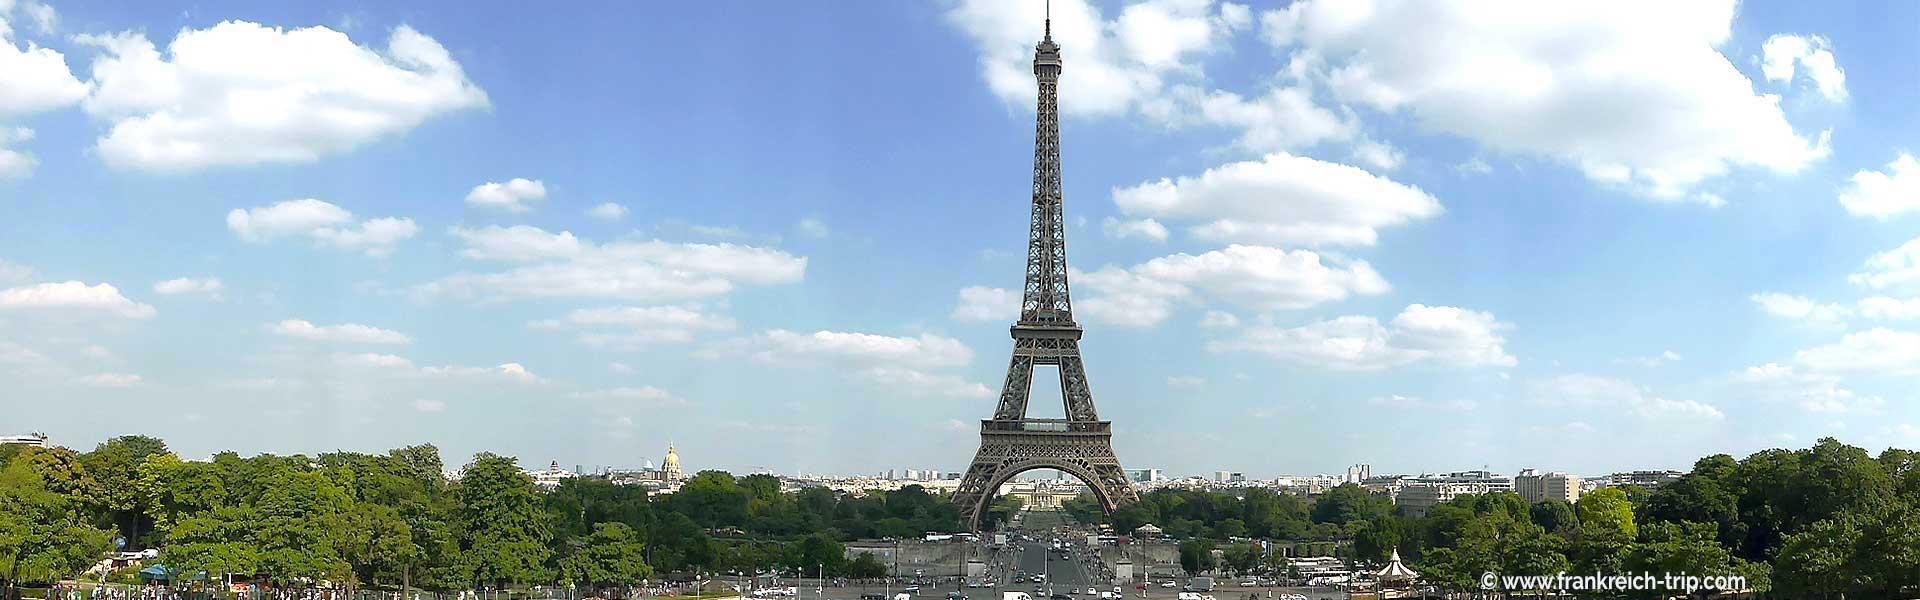 Eiffelturm das Wahrzeichen von Paris